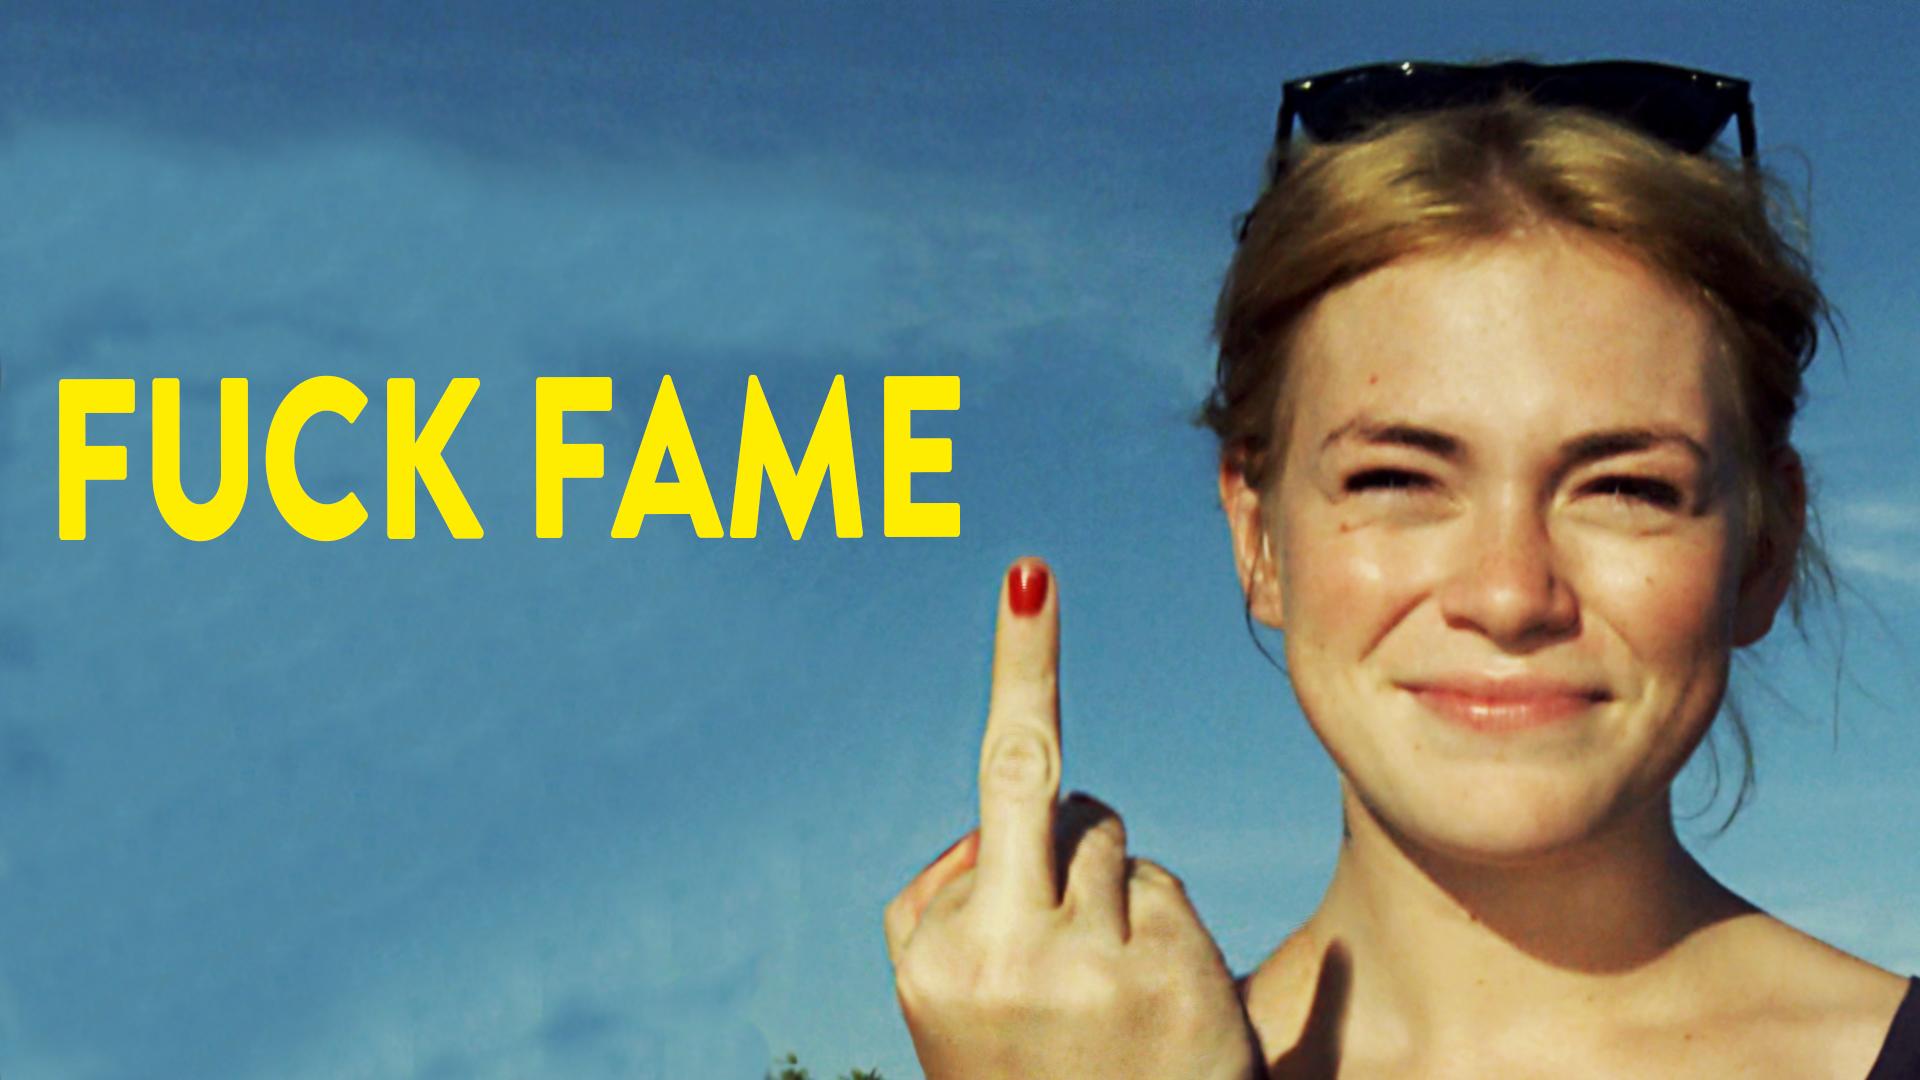 Fuck Fame – Die Geschichte von Elektropop-Ikone Uffie